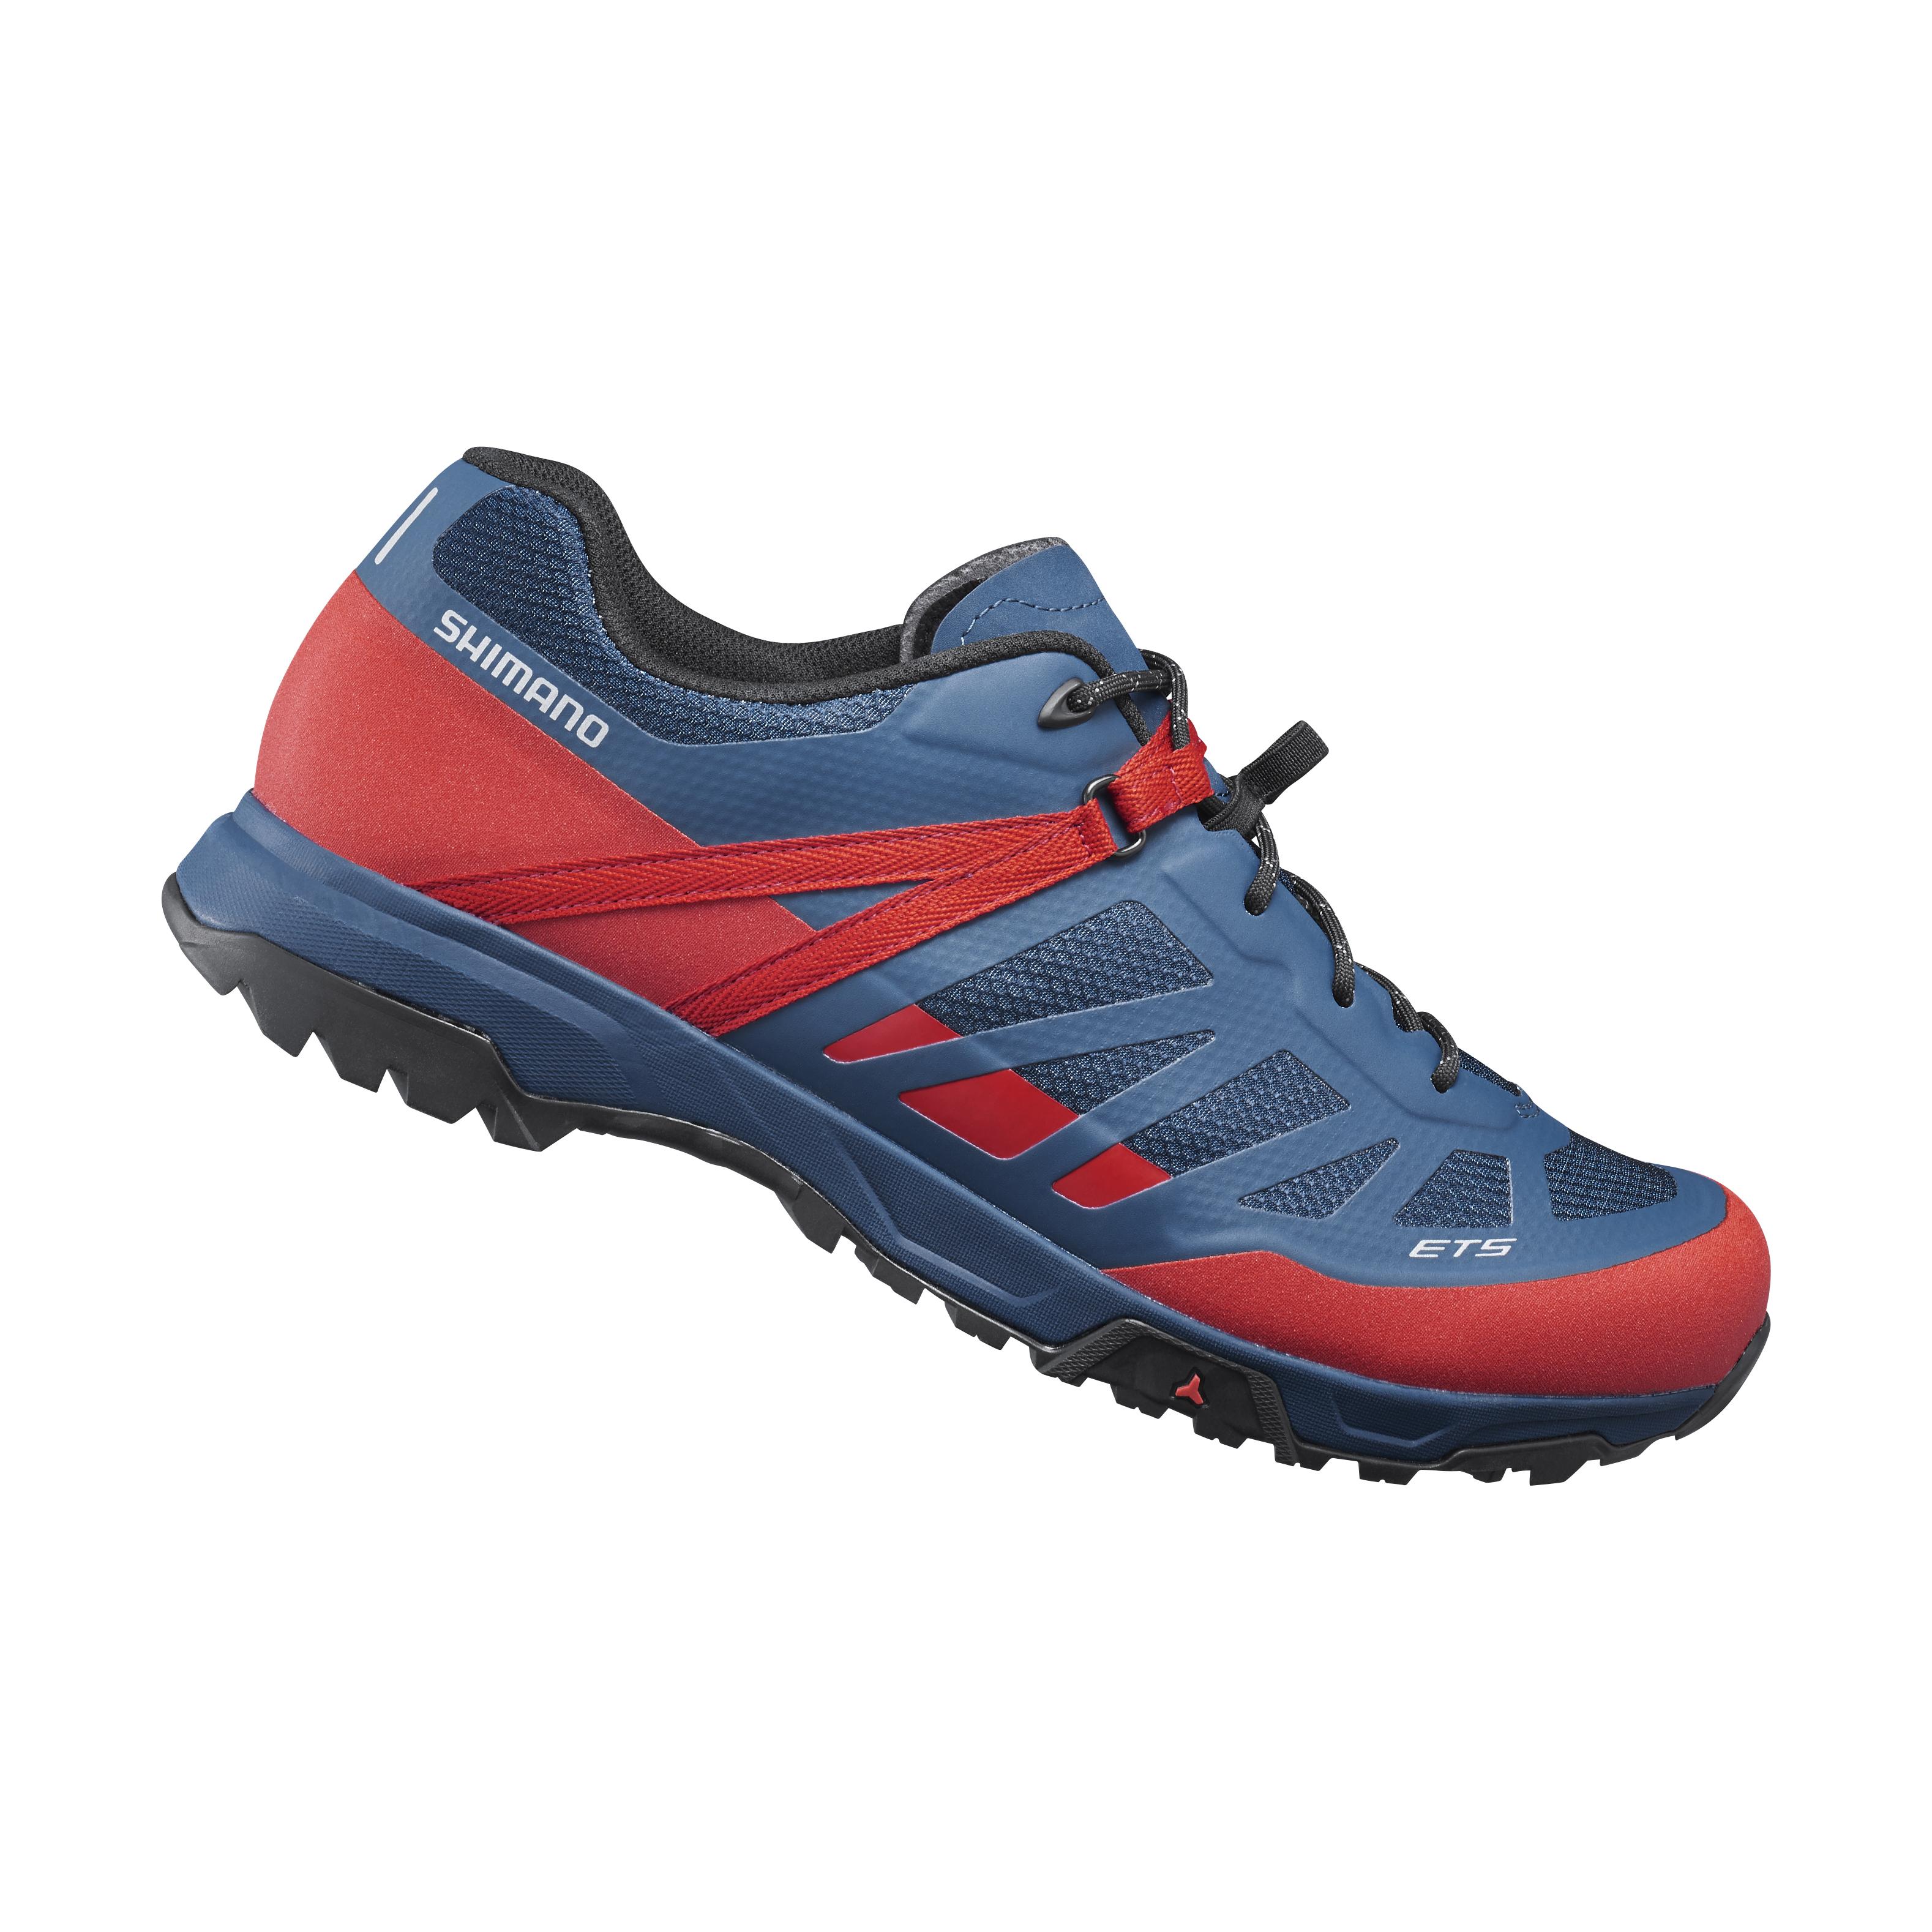 SHIMANO turistická obuv SH-ET500, červená, 42